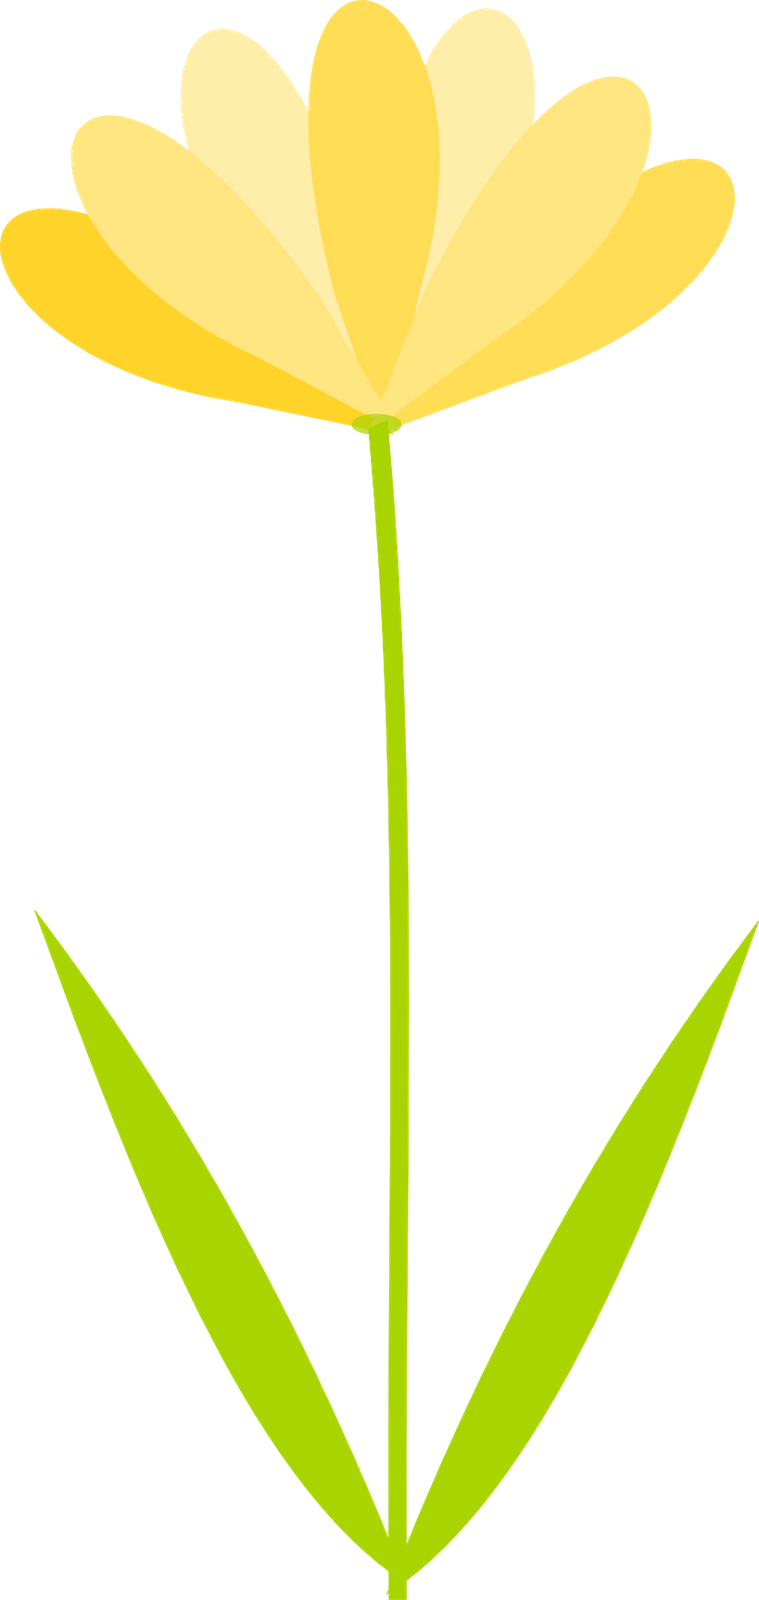 Clipart flowers transparent.